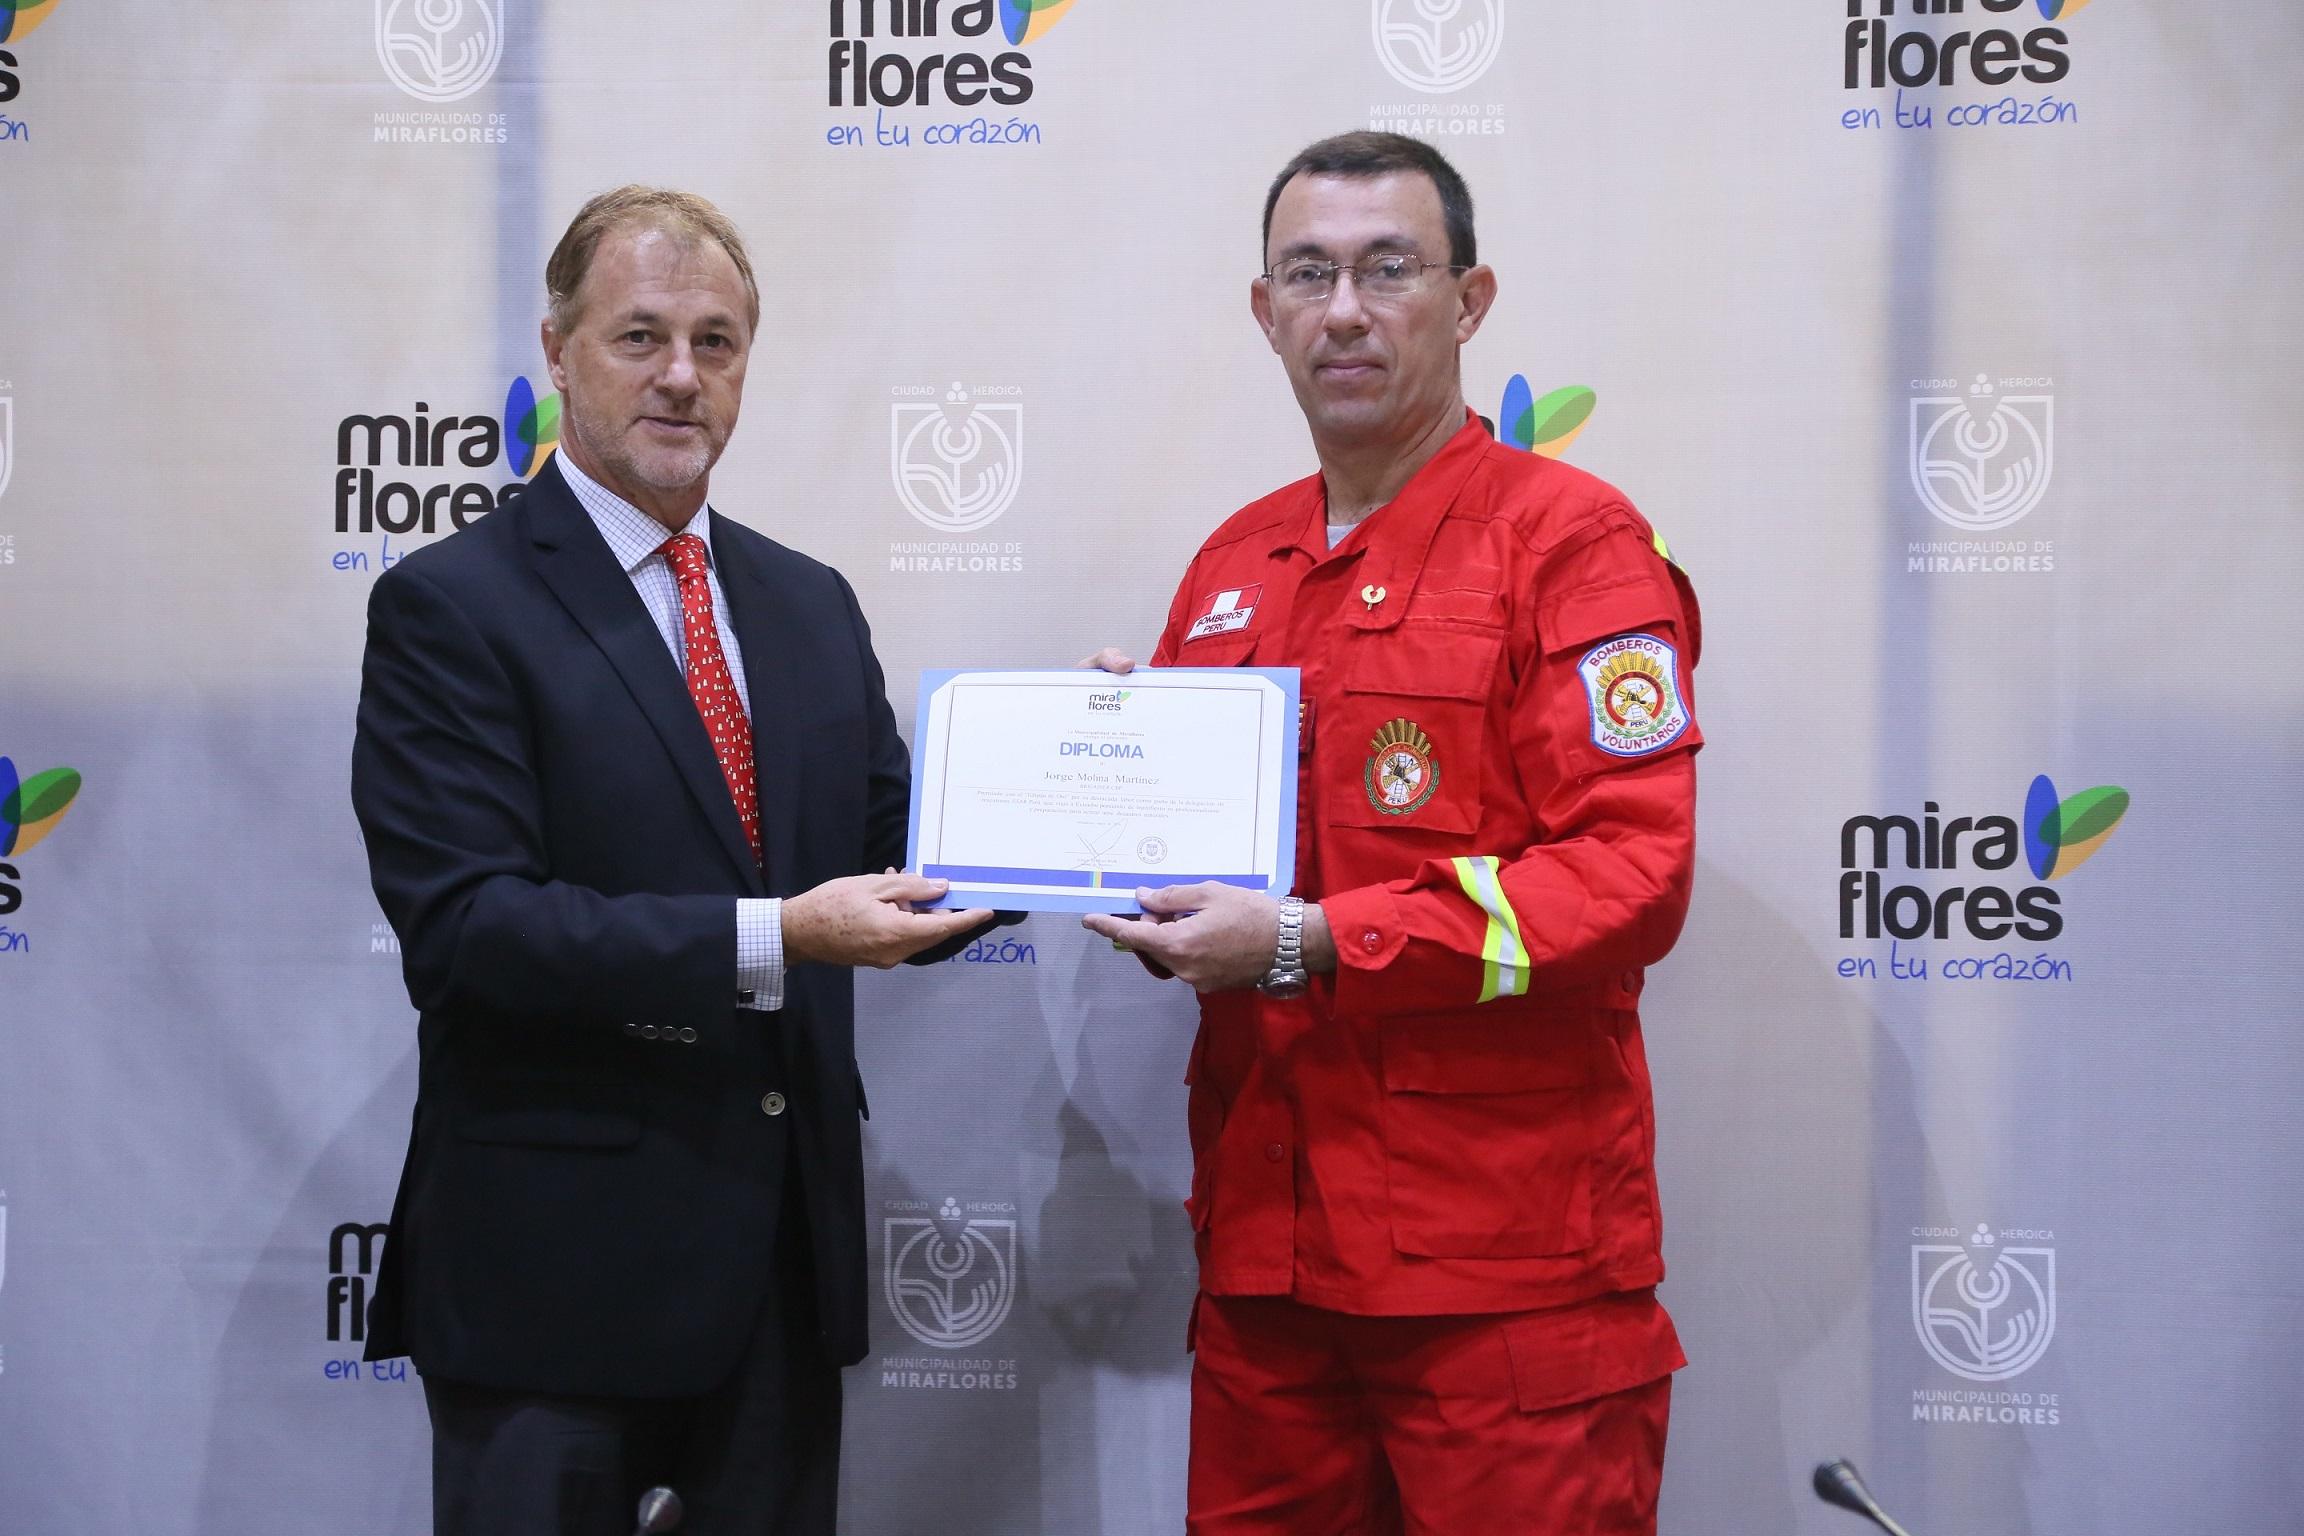 http://www.miraflores.gob.pe/Gestorw3b/files/img/9538-20718-bomberos-fueron-distinguidos-por-participar-de-las-laboers-de-rescate-tras-el-terremoto-en-ecuador.jpg